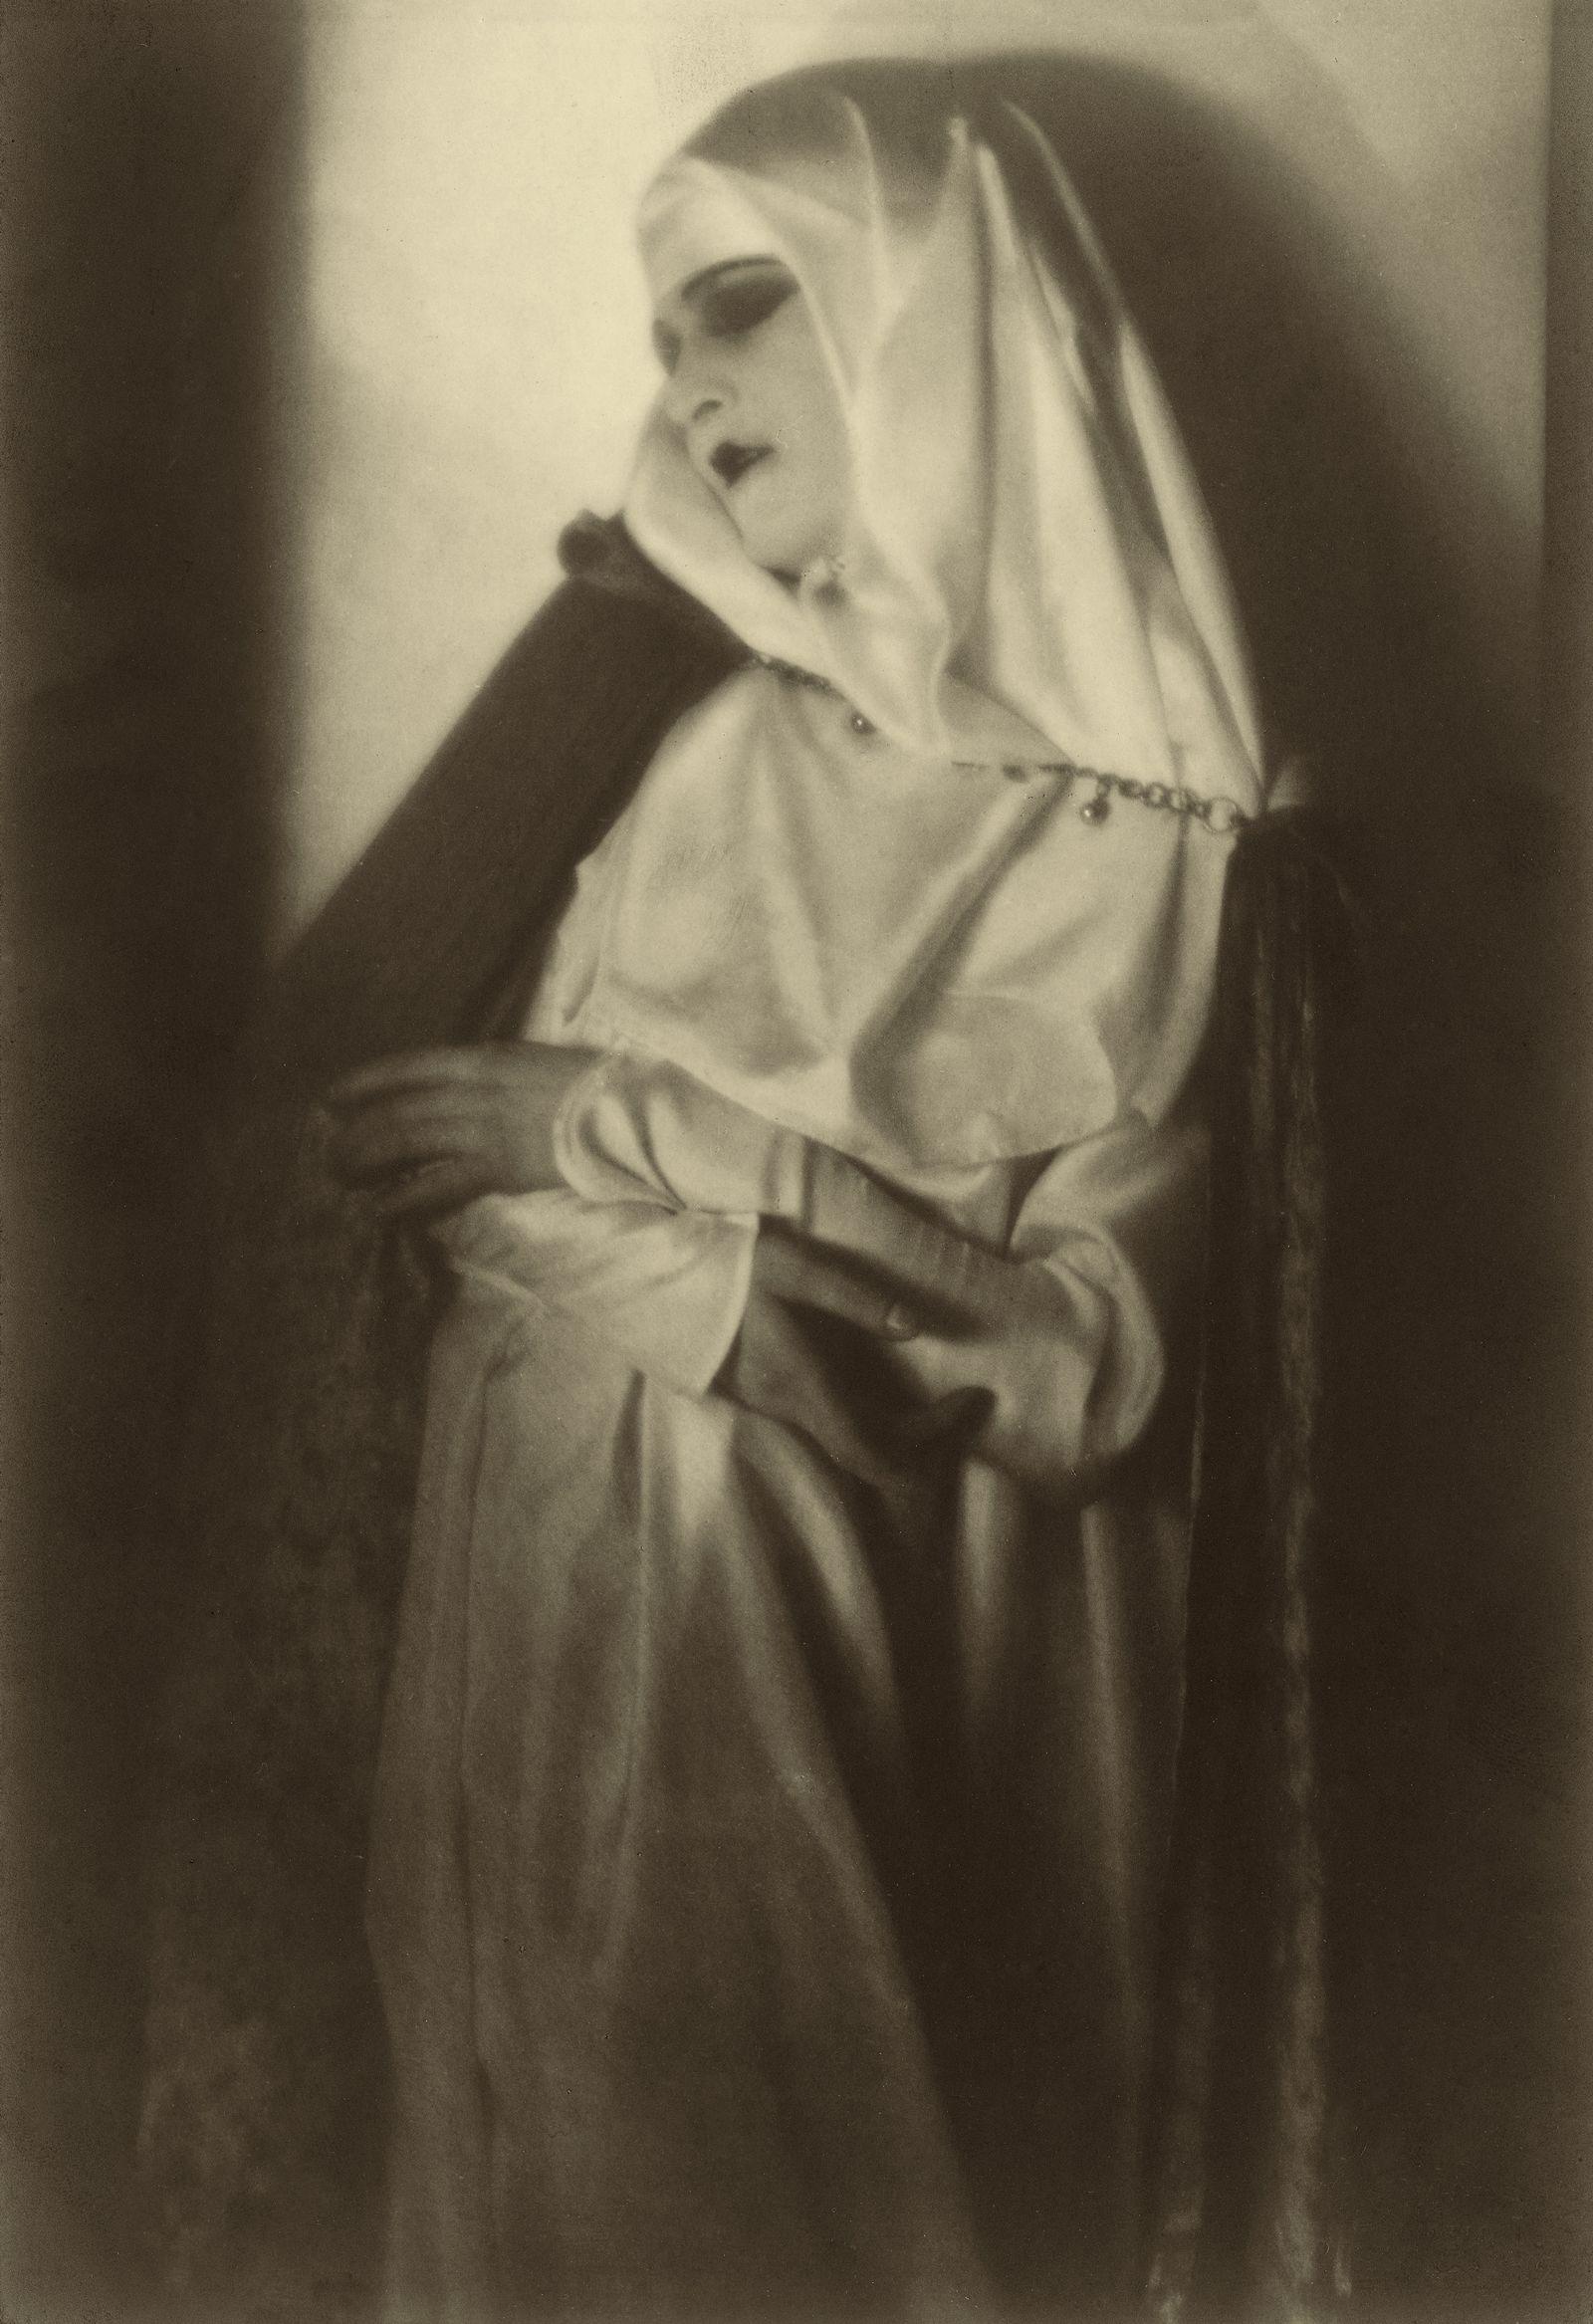 Anita Berber - German Dancer Anita Berber. Photograph. 1922.